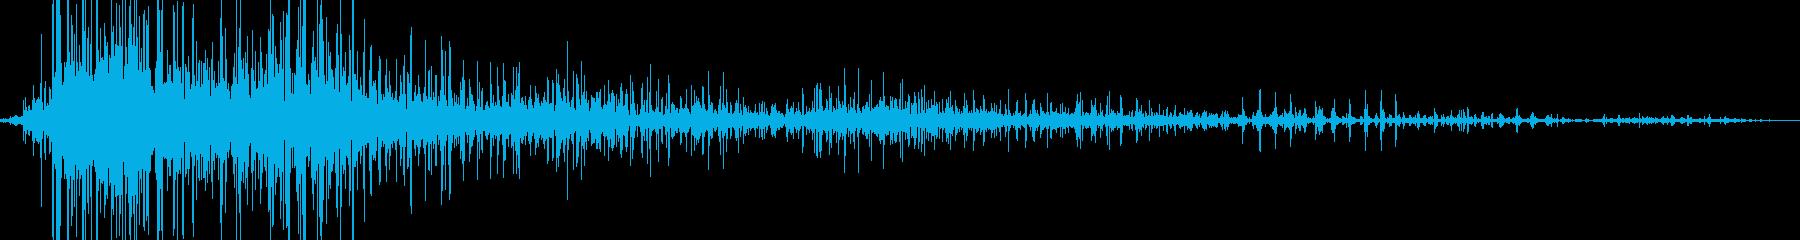 ピジョングループウィングフラップステディの再生済みの波形